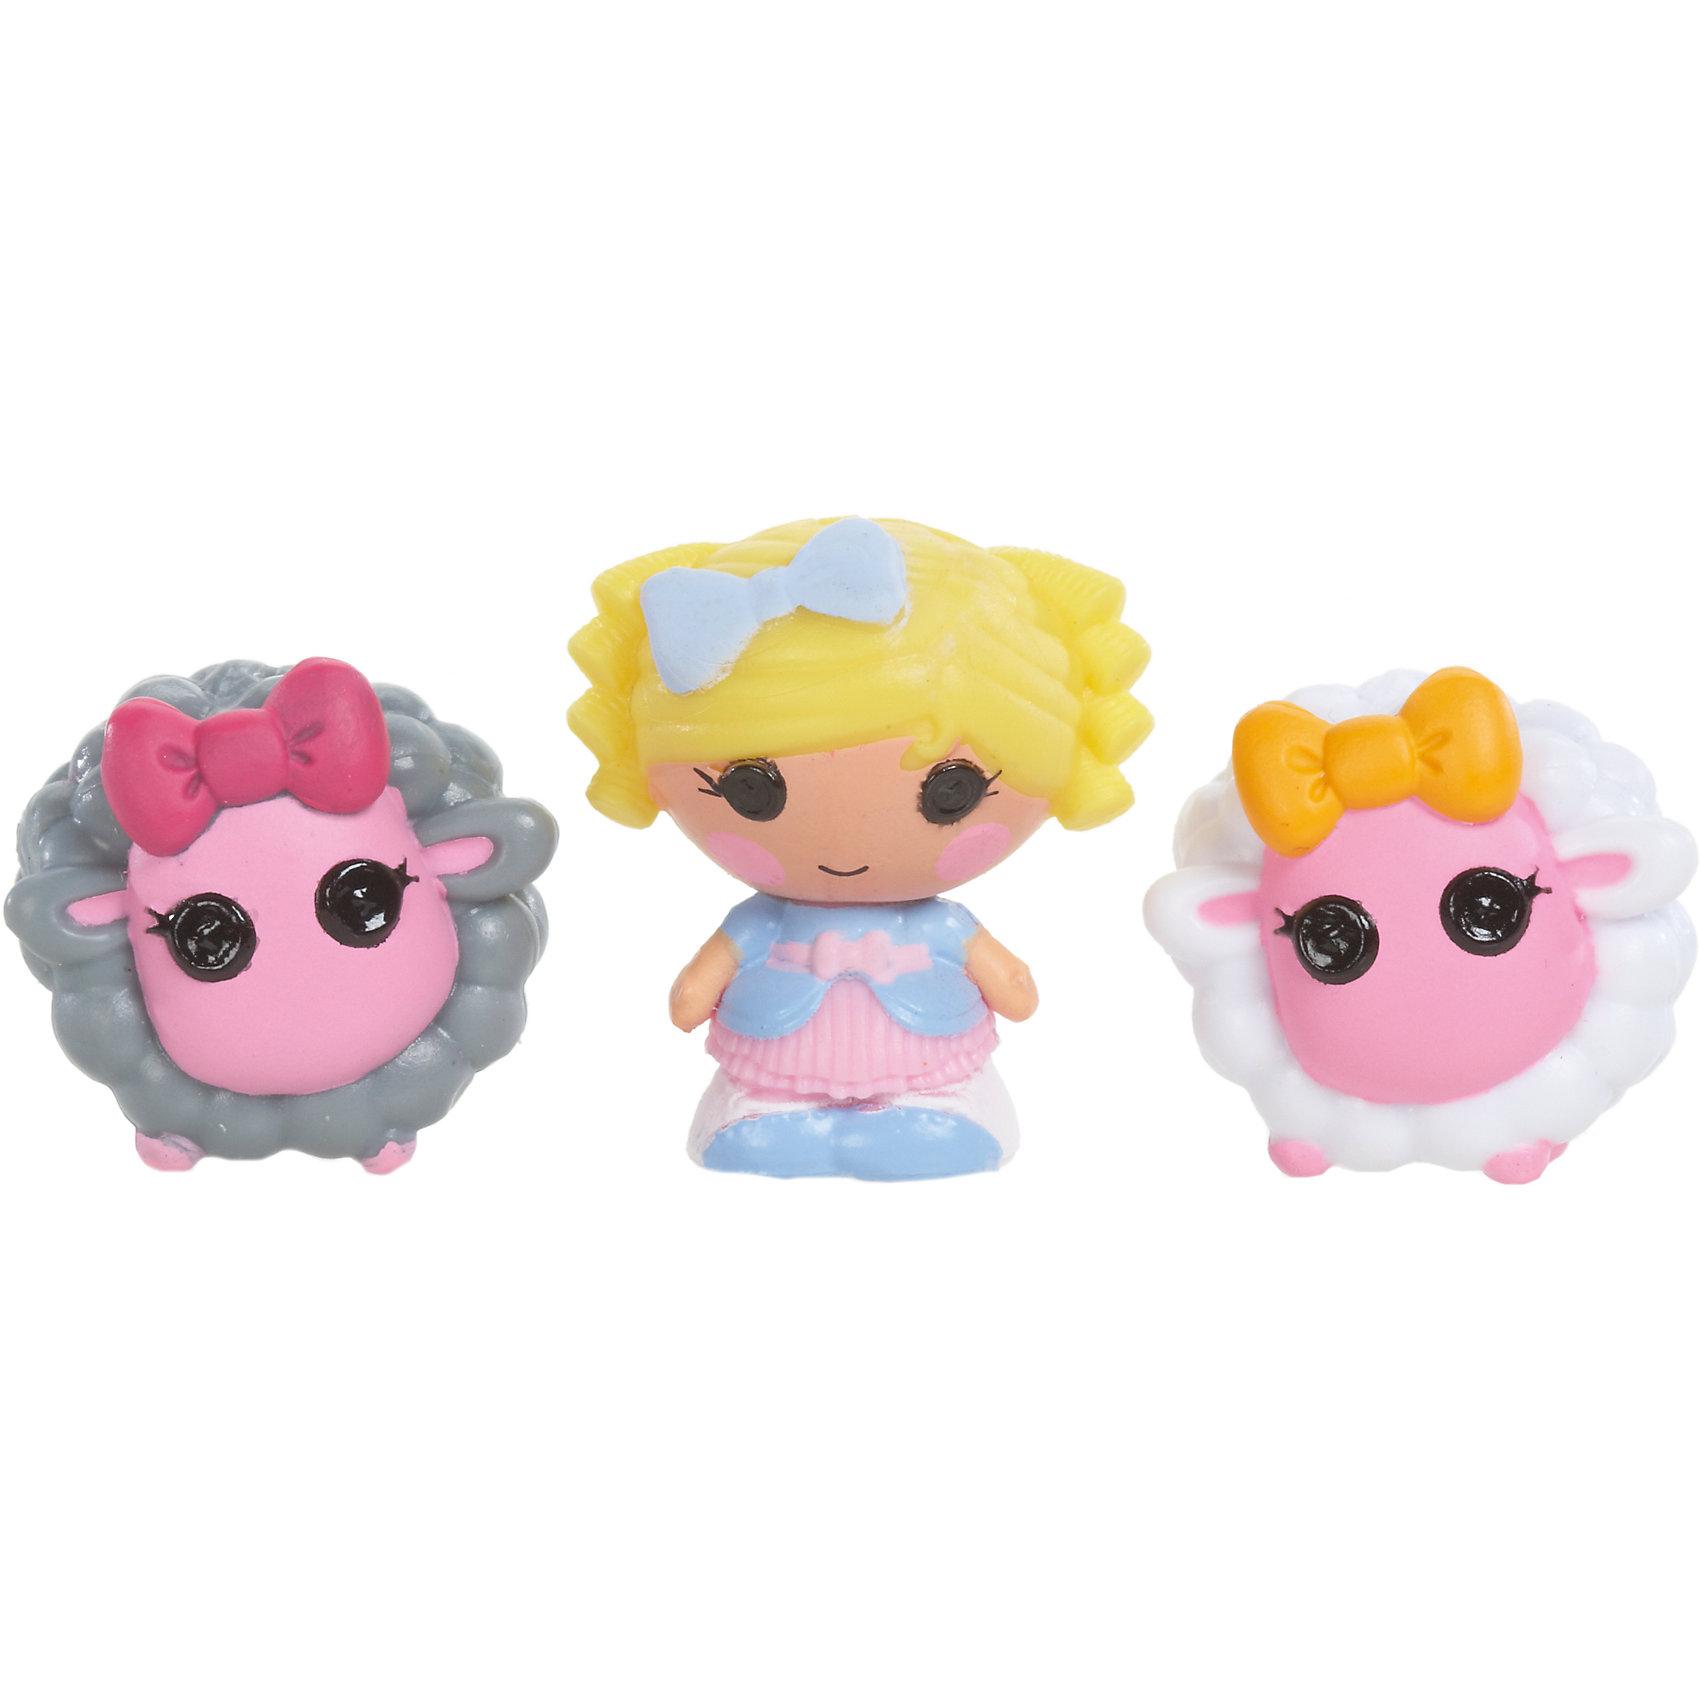 - Кукла Малютка, Lalaloopsy в бирюзовой упаковке кукла lalaloopsy белоснежка 32 см 035051535676